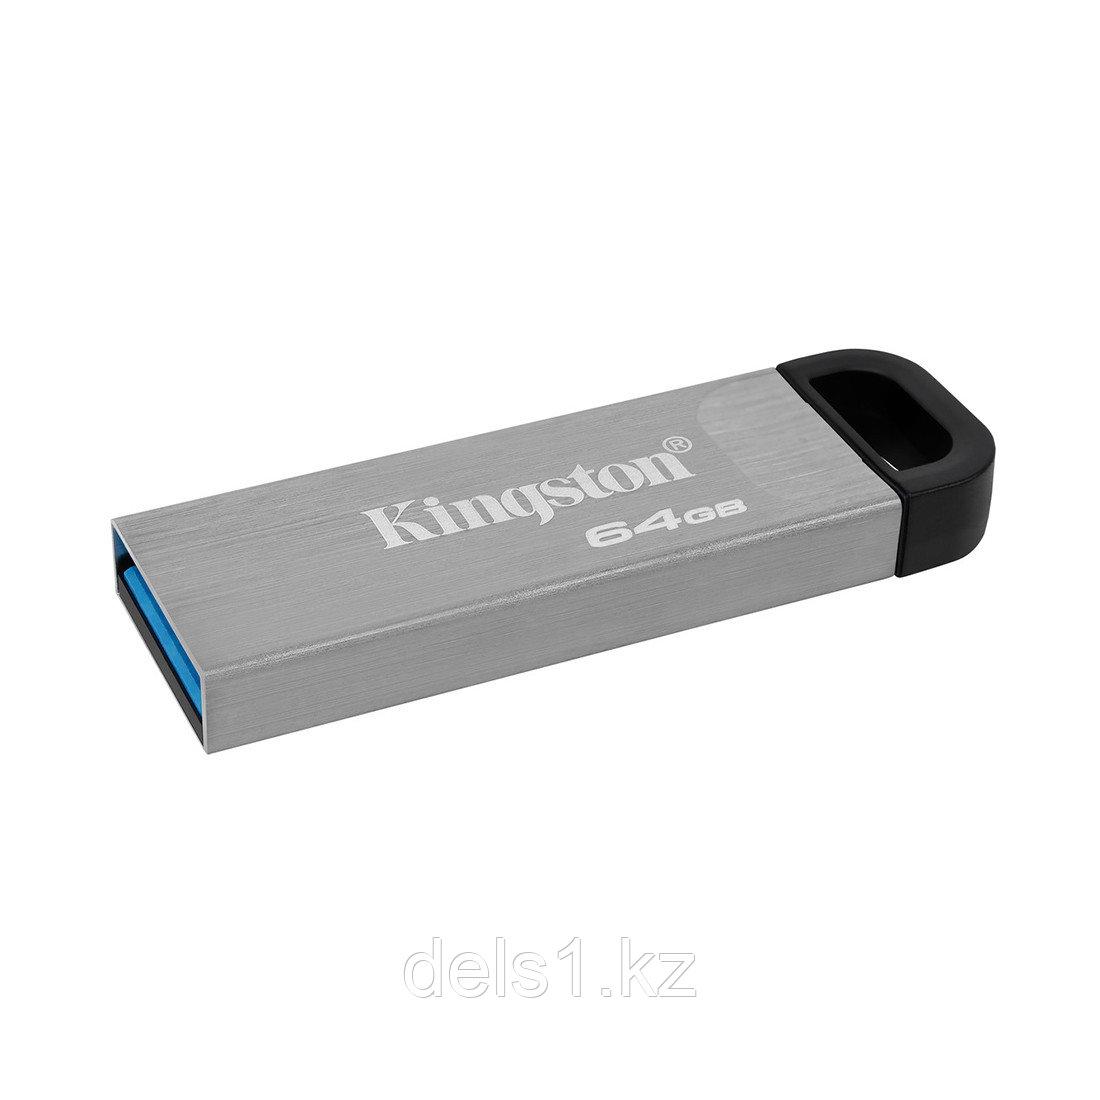 USB-накопитель Kingston DTKN/128GB 128GB Серебристый